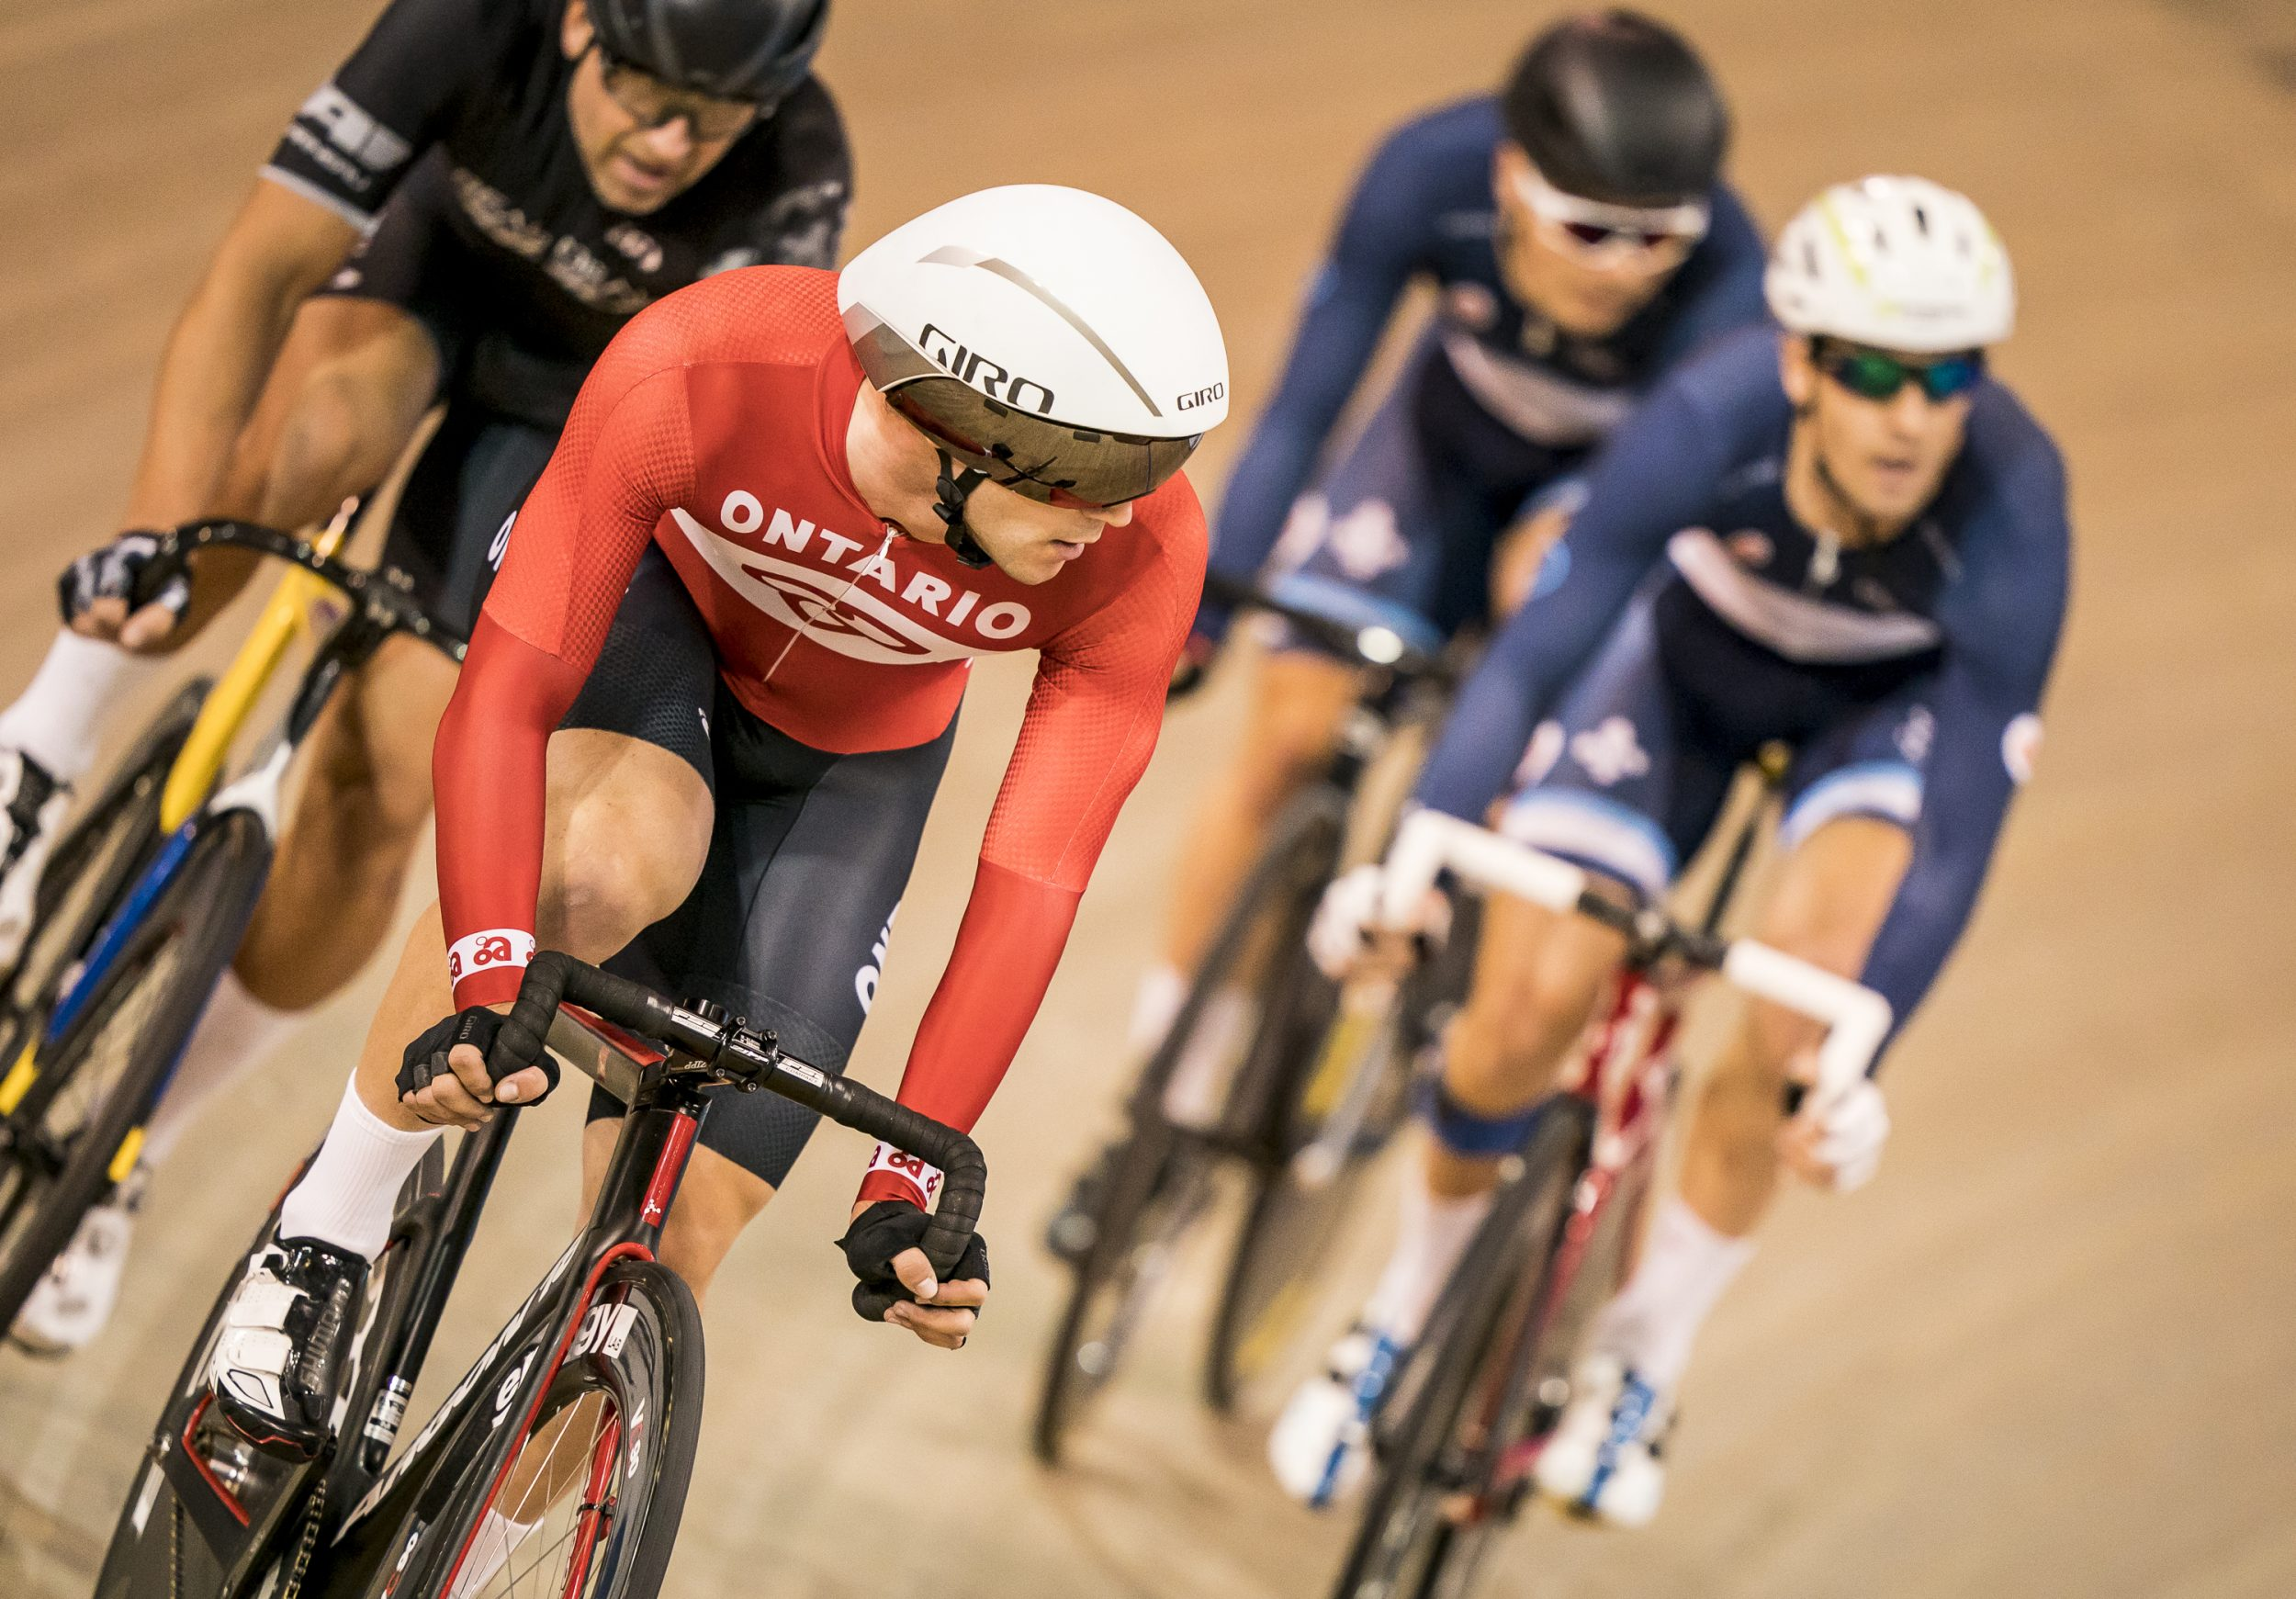 Vincent de Haitre racing on his bike